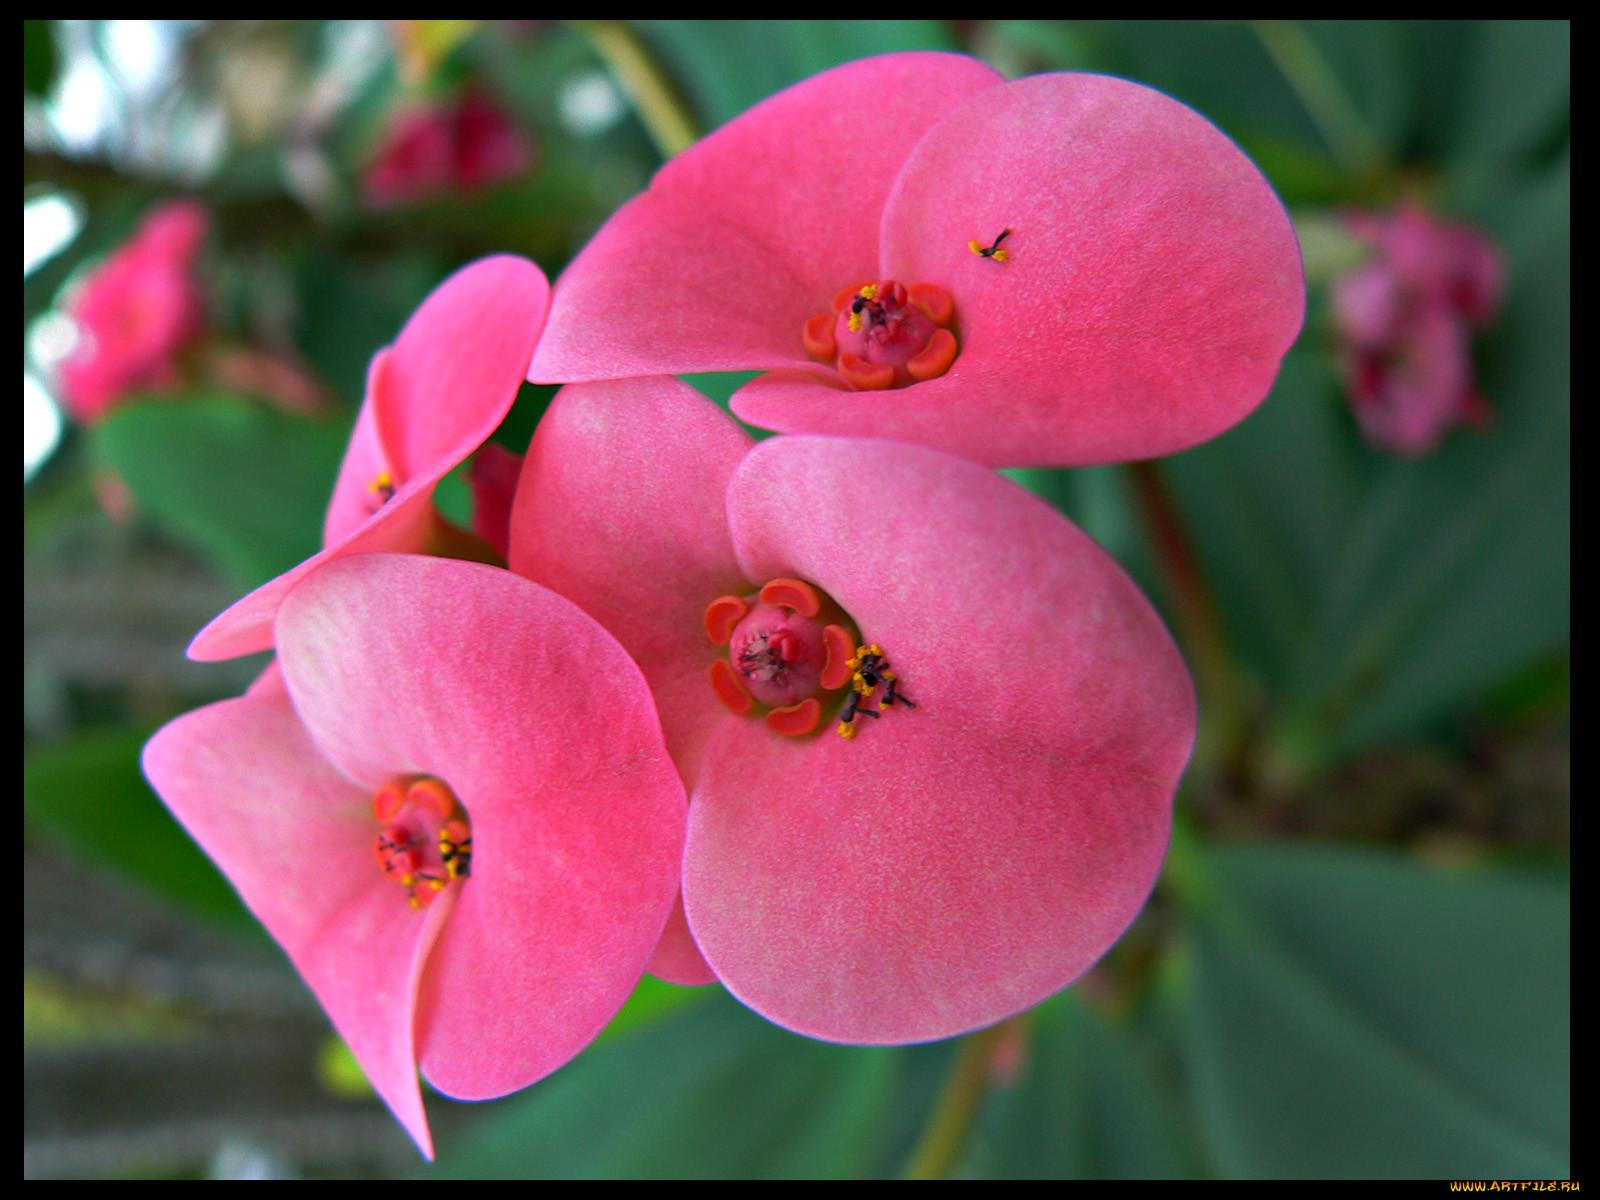 Картинка цветка молочай 5